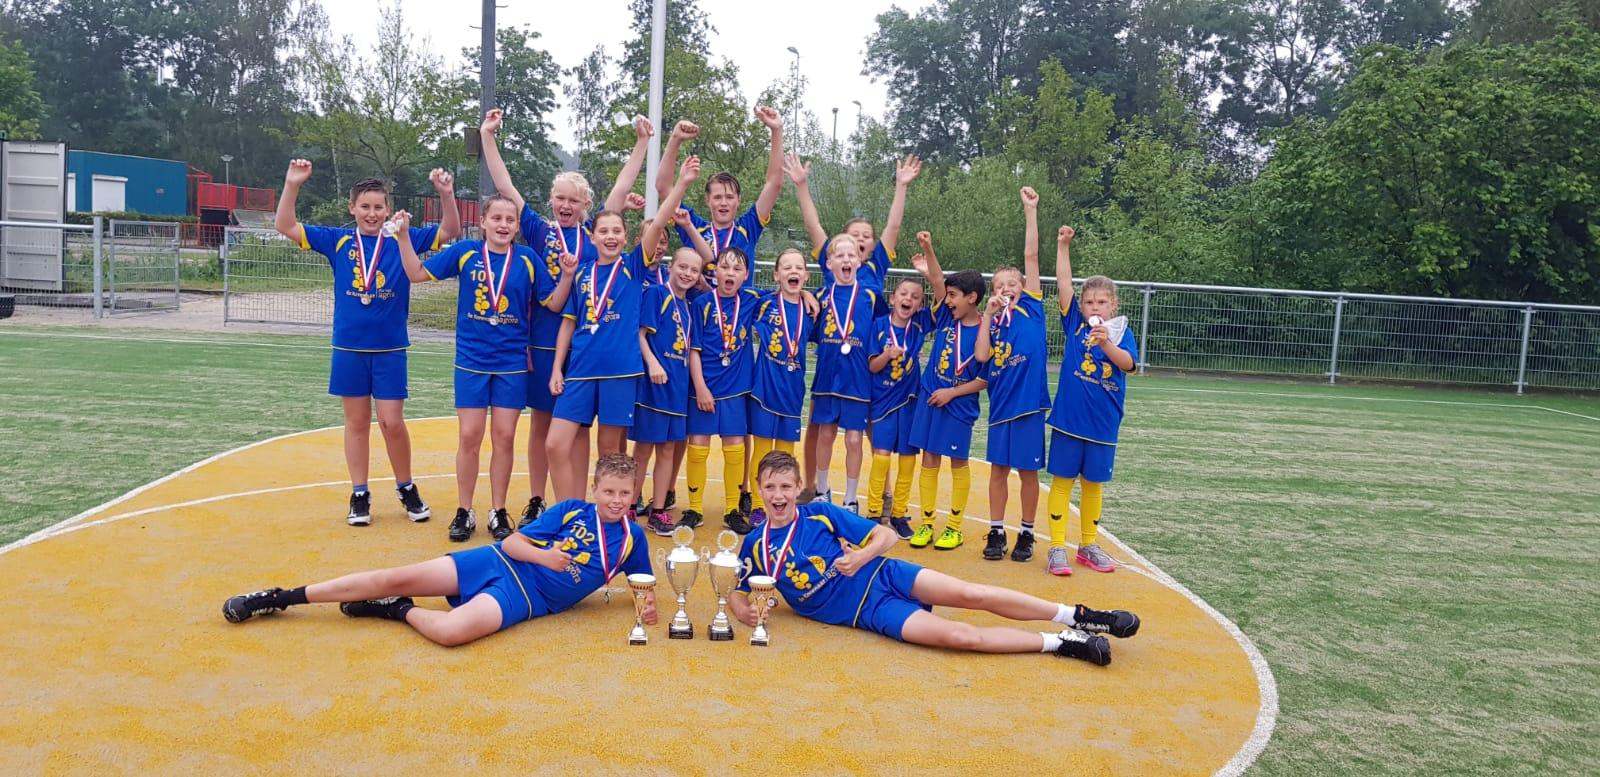 Schoolkorfbalfinalisten van De Korenaar. (Foto: OKV)